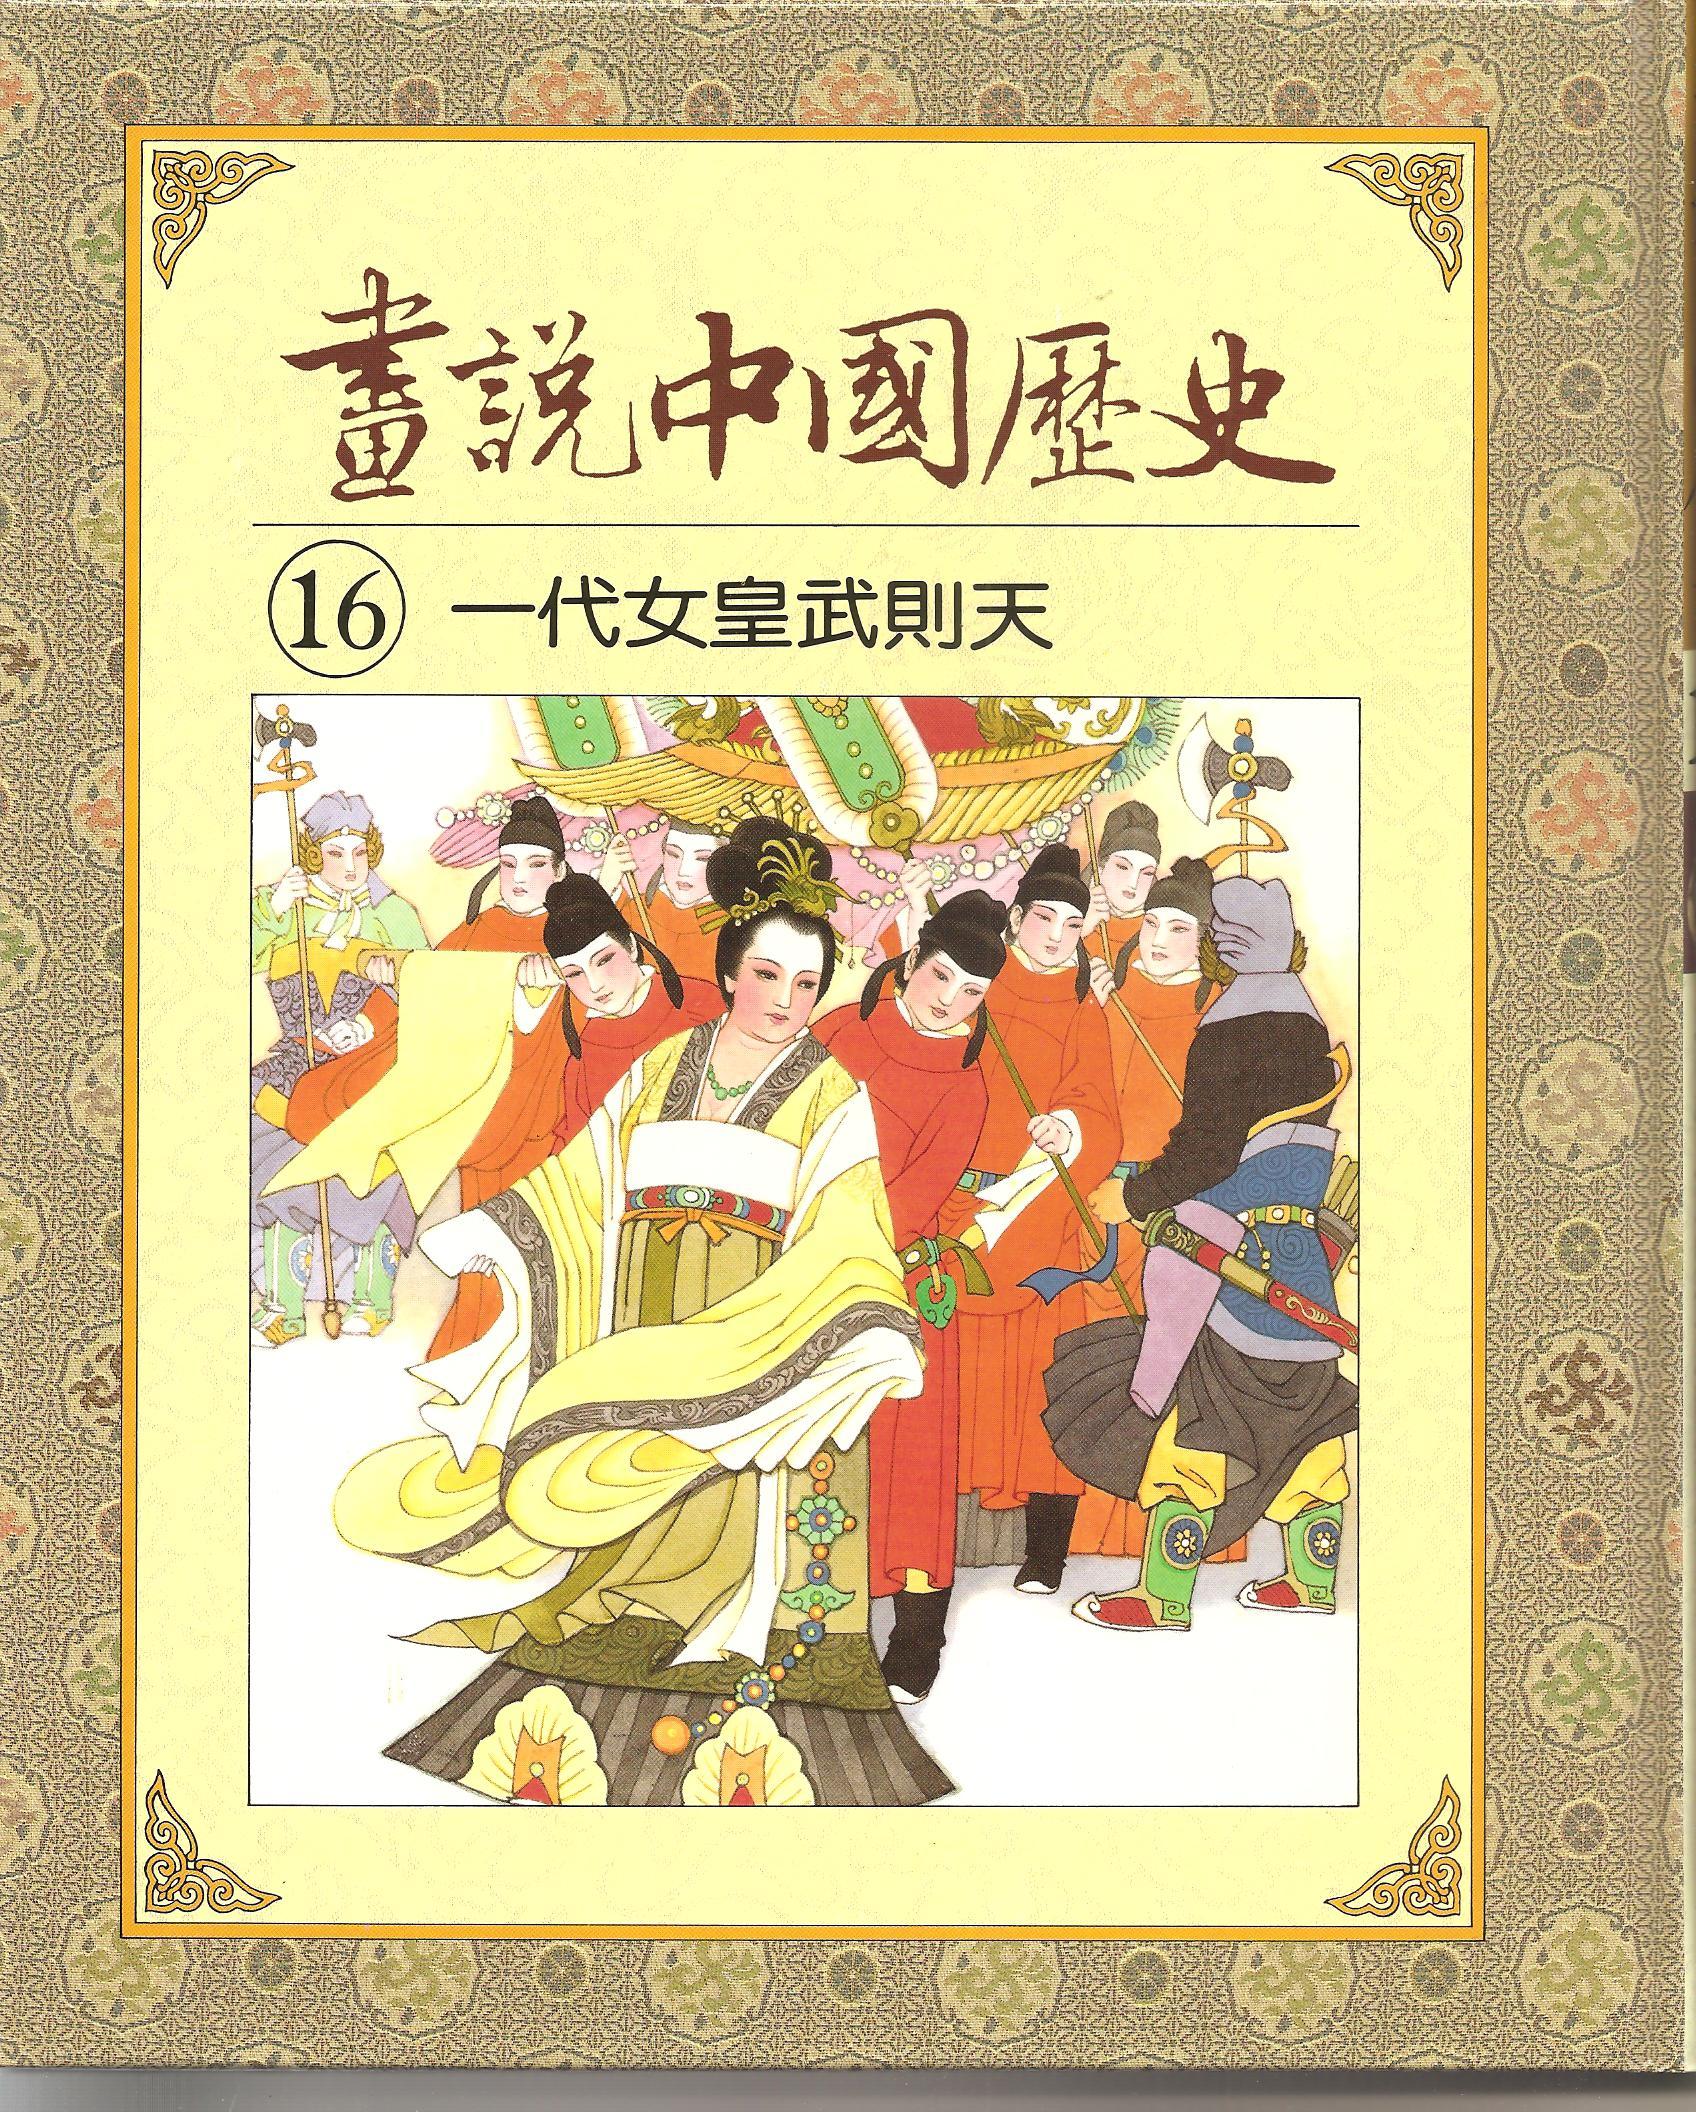 畫說中國歷史16: 一代女皇武則天